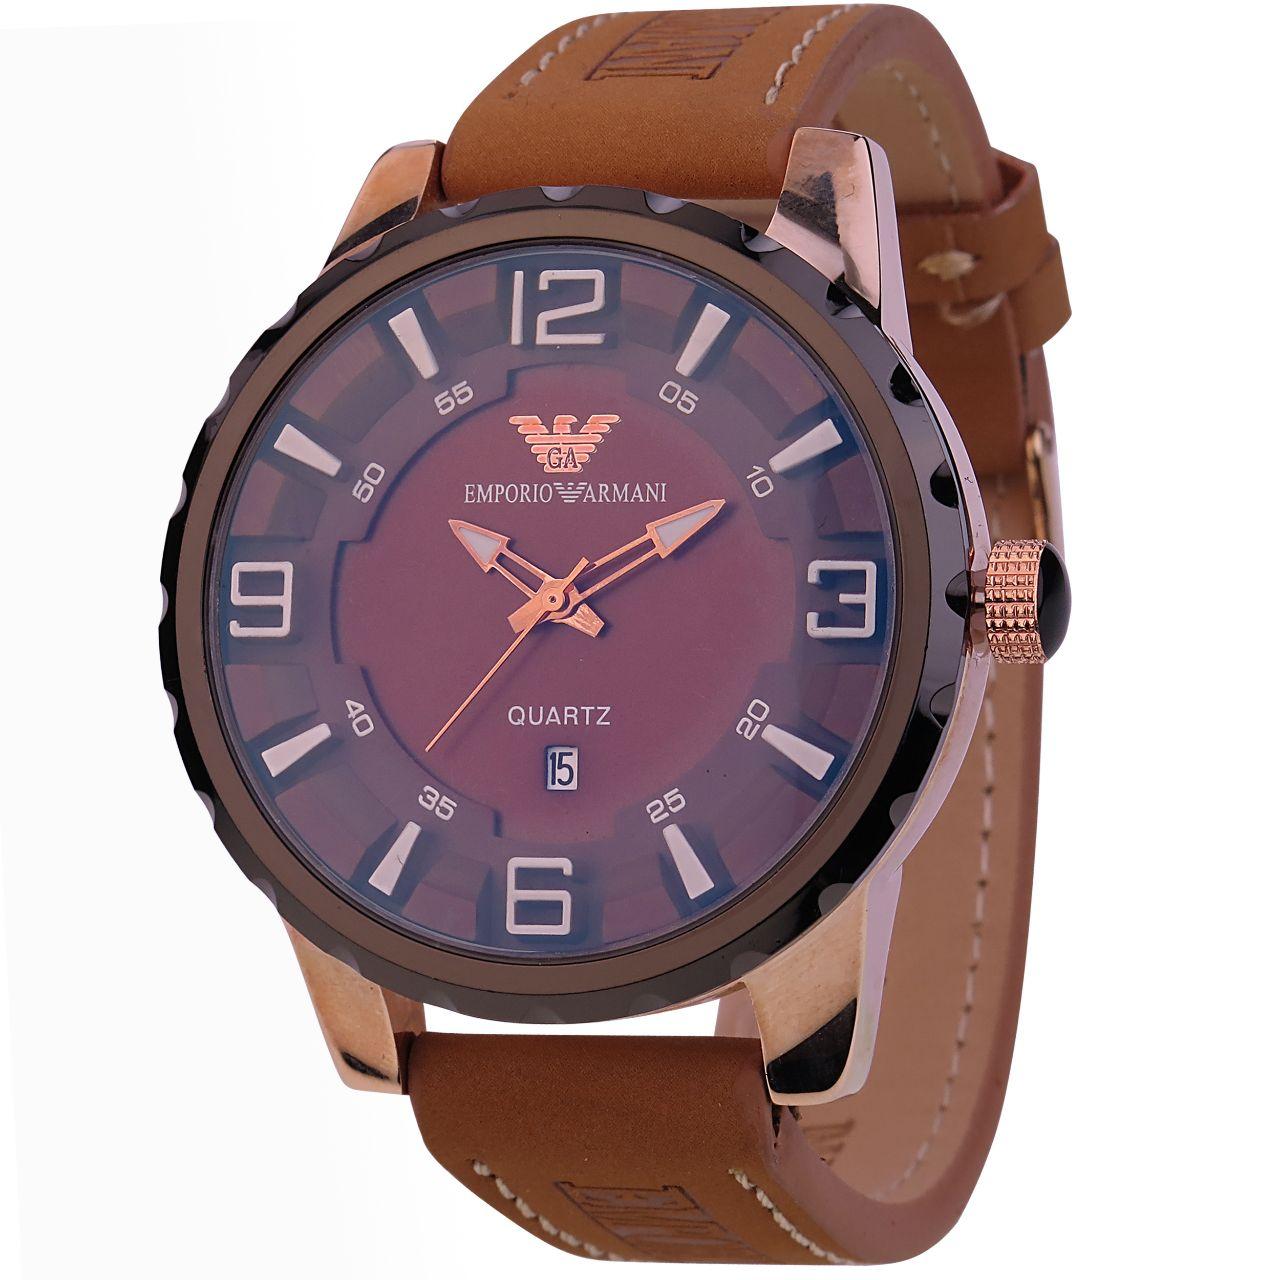 ساعت مچی عقربه ای مردانه مدل Q.R.Z-325              خرید (⭐️⭐️⭐️)